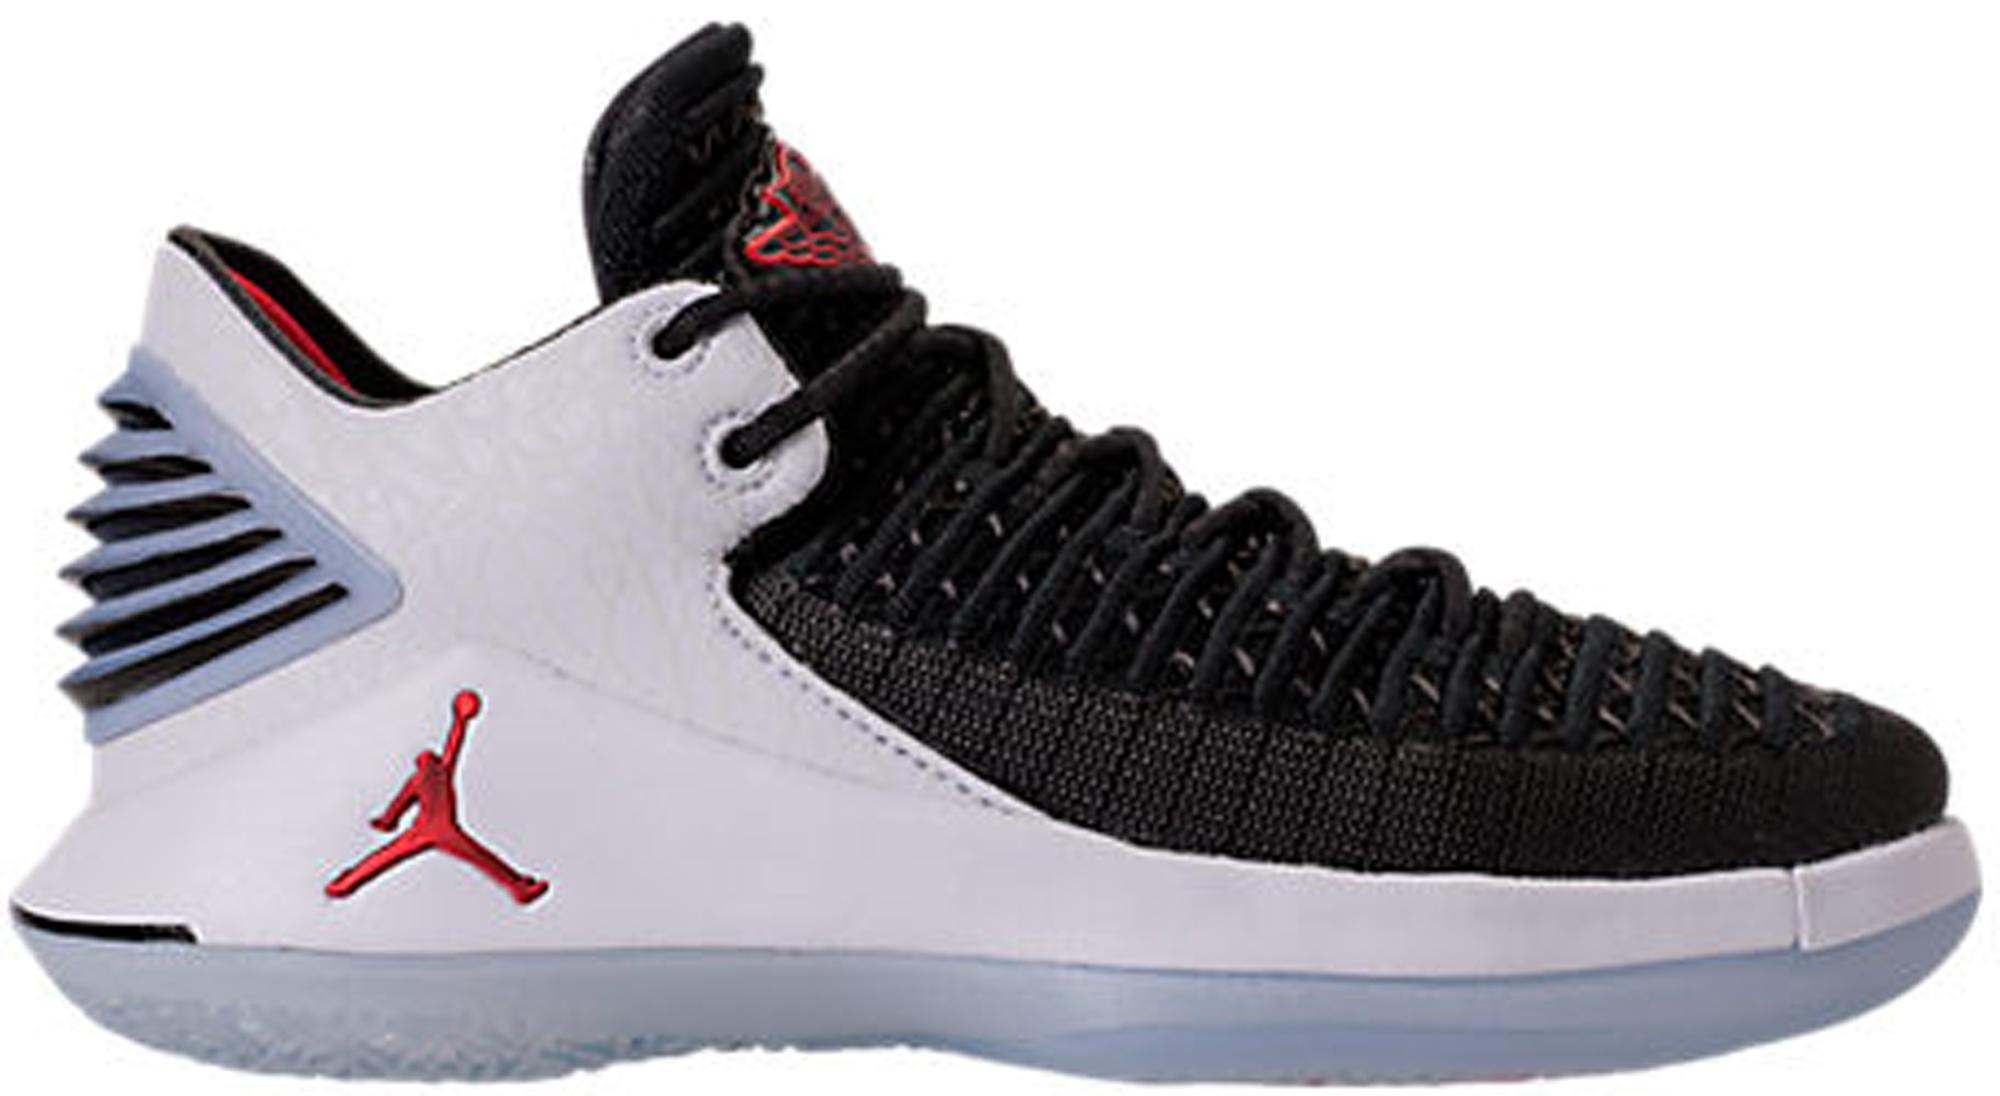 Jordan XXXII Low Free Throw Line (GS)